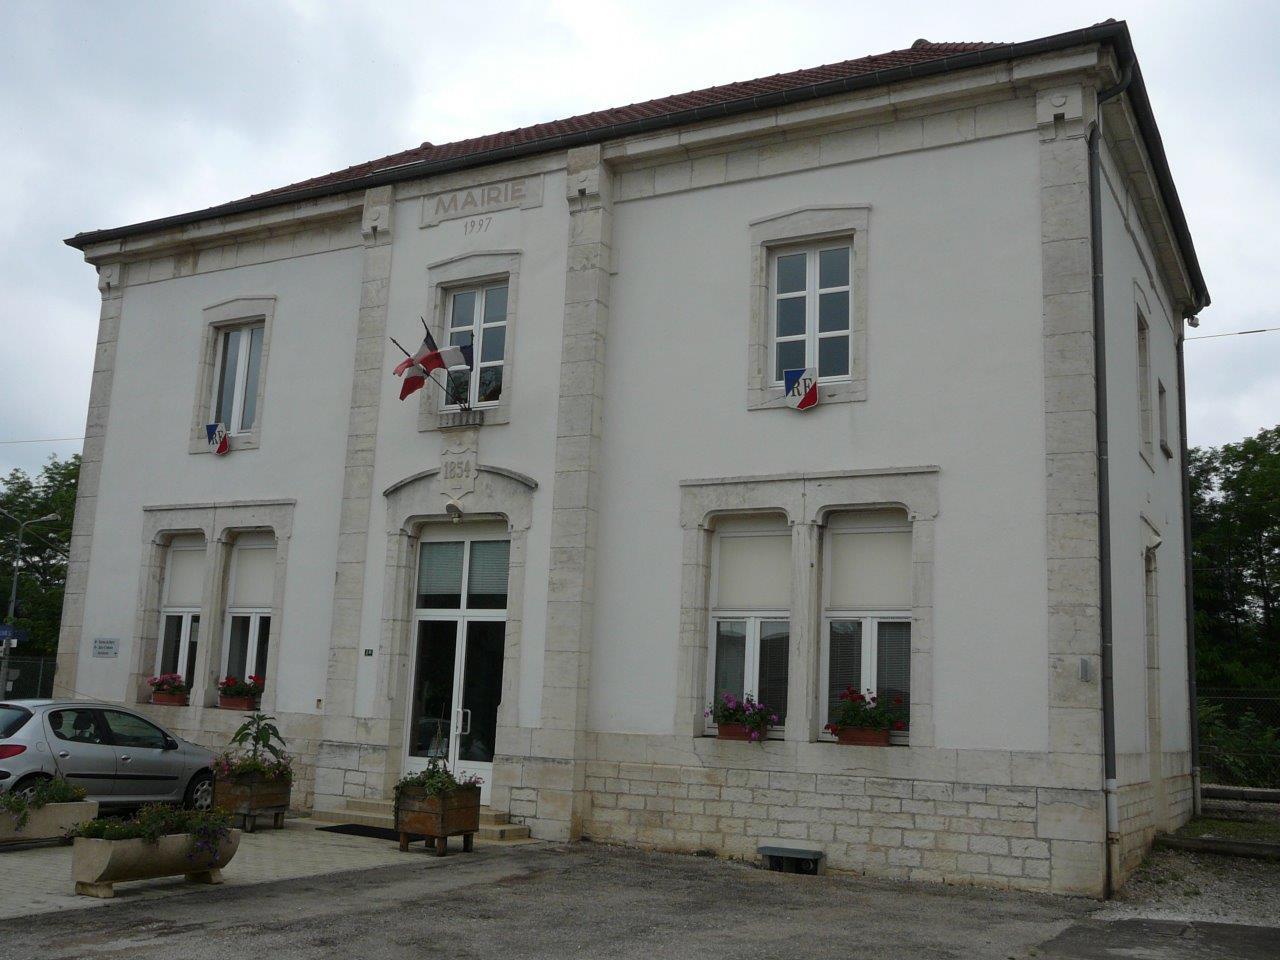 gare-de-dannemarie-velesmes-train-station